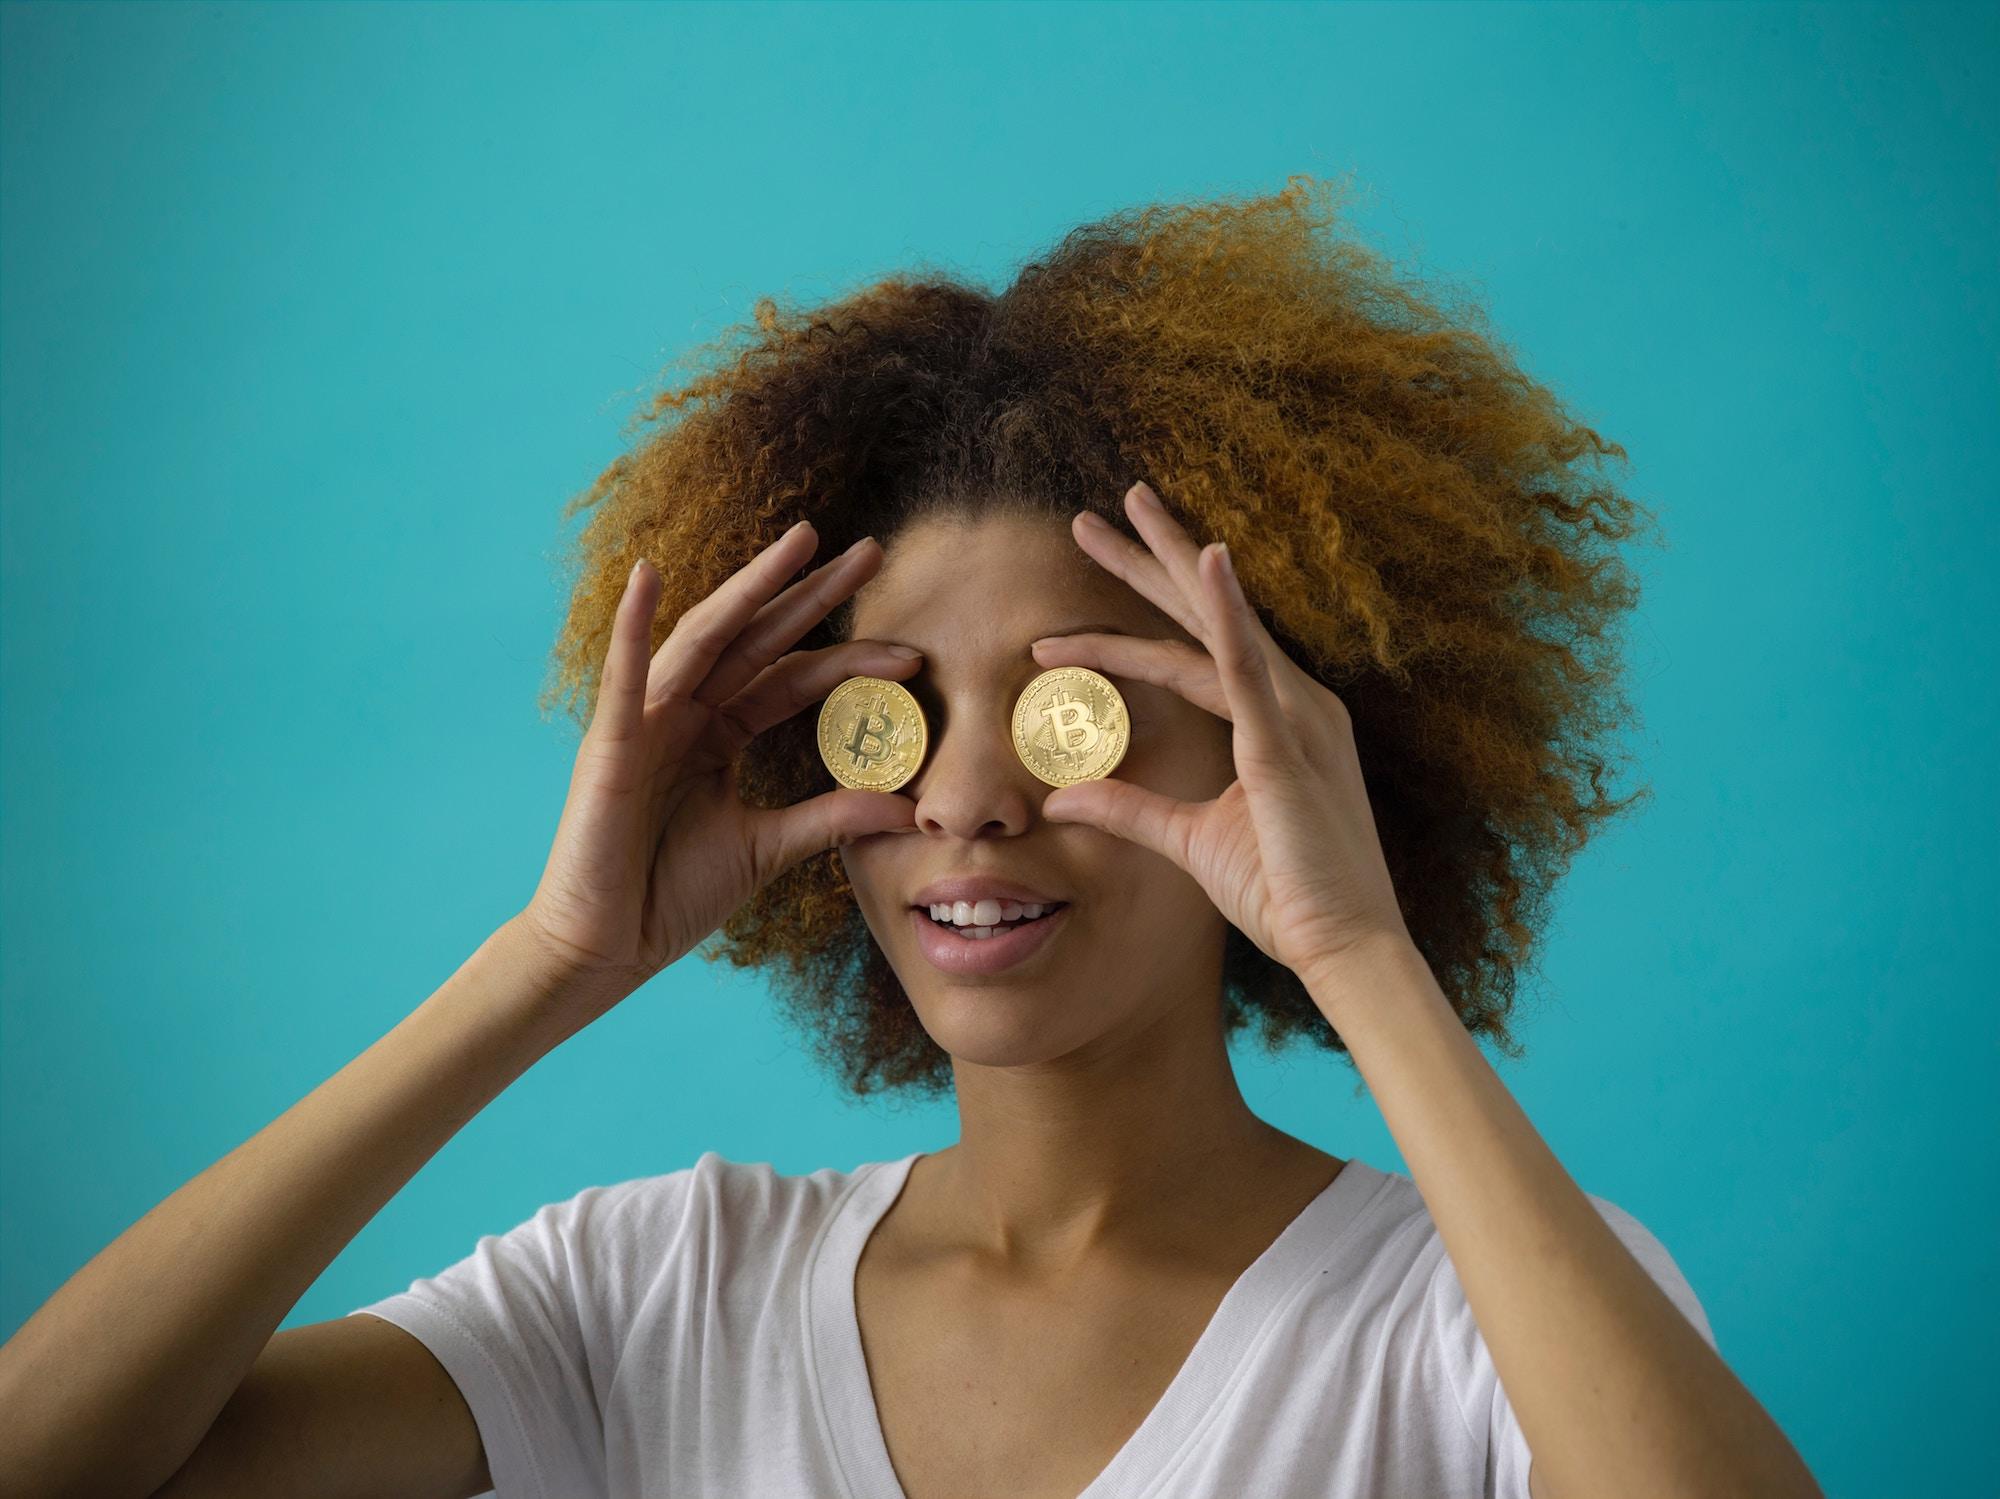 Де рекламувати свій криптопроект і заробляти Bitcoin — огляд трафік-мереж